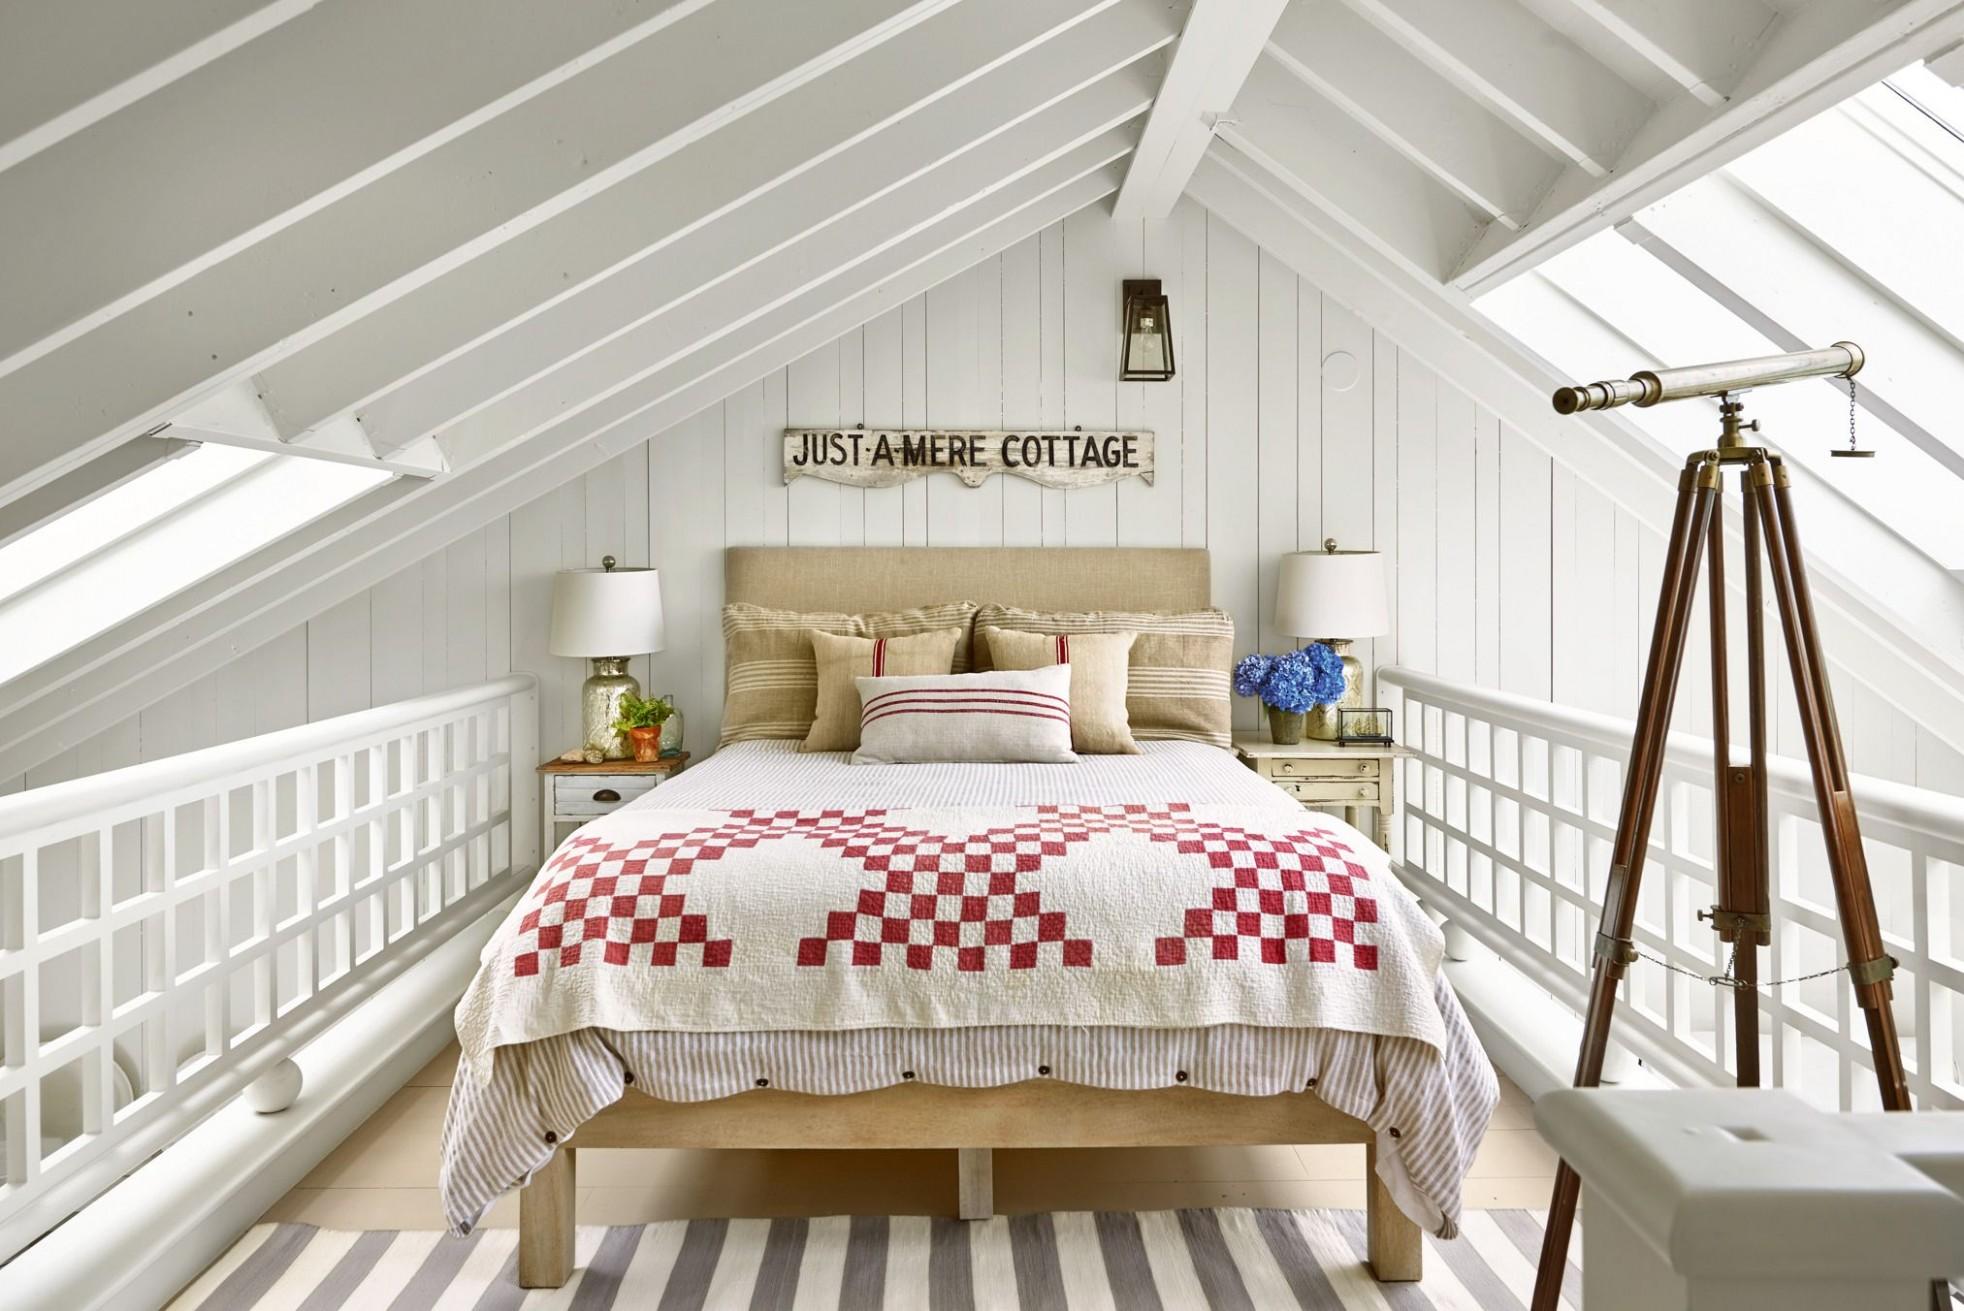 Bedroom Paint Color Ideas - Best Paint Colors for Bedrooms - Bedroom Ideas Paint